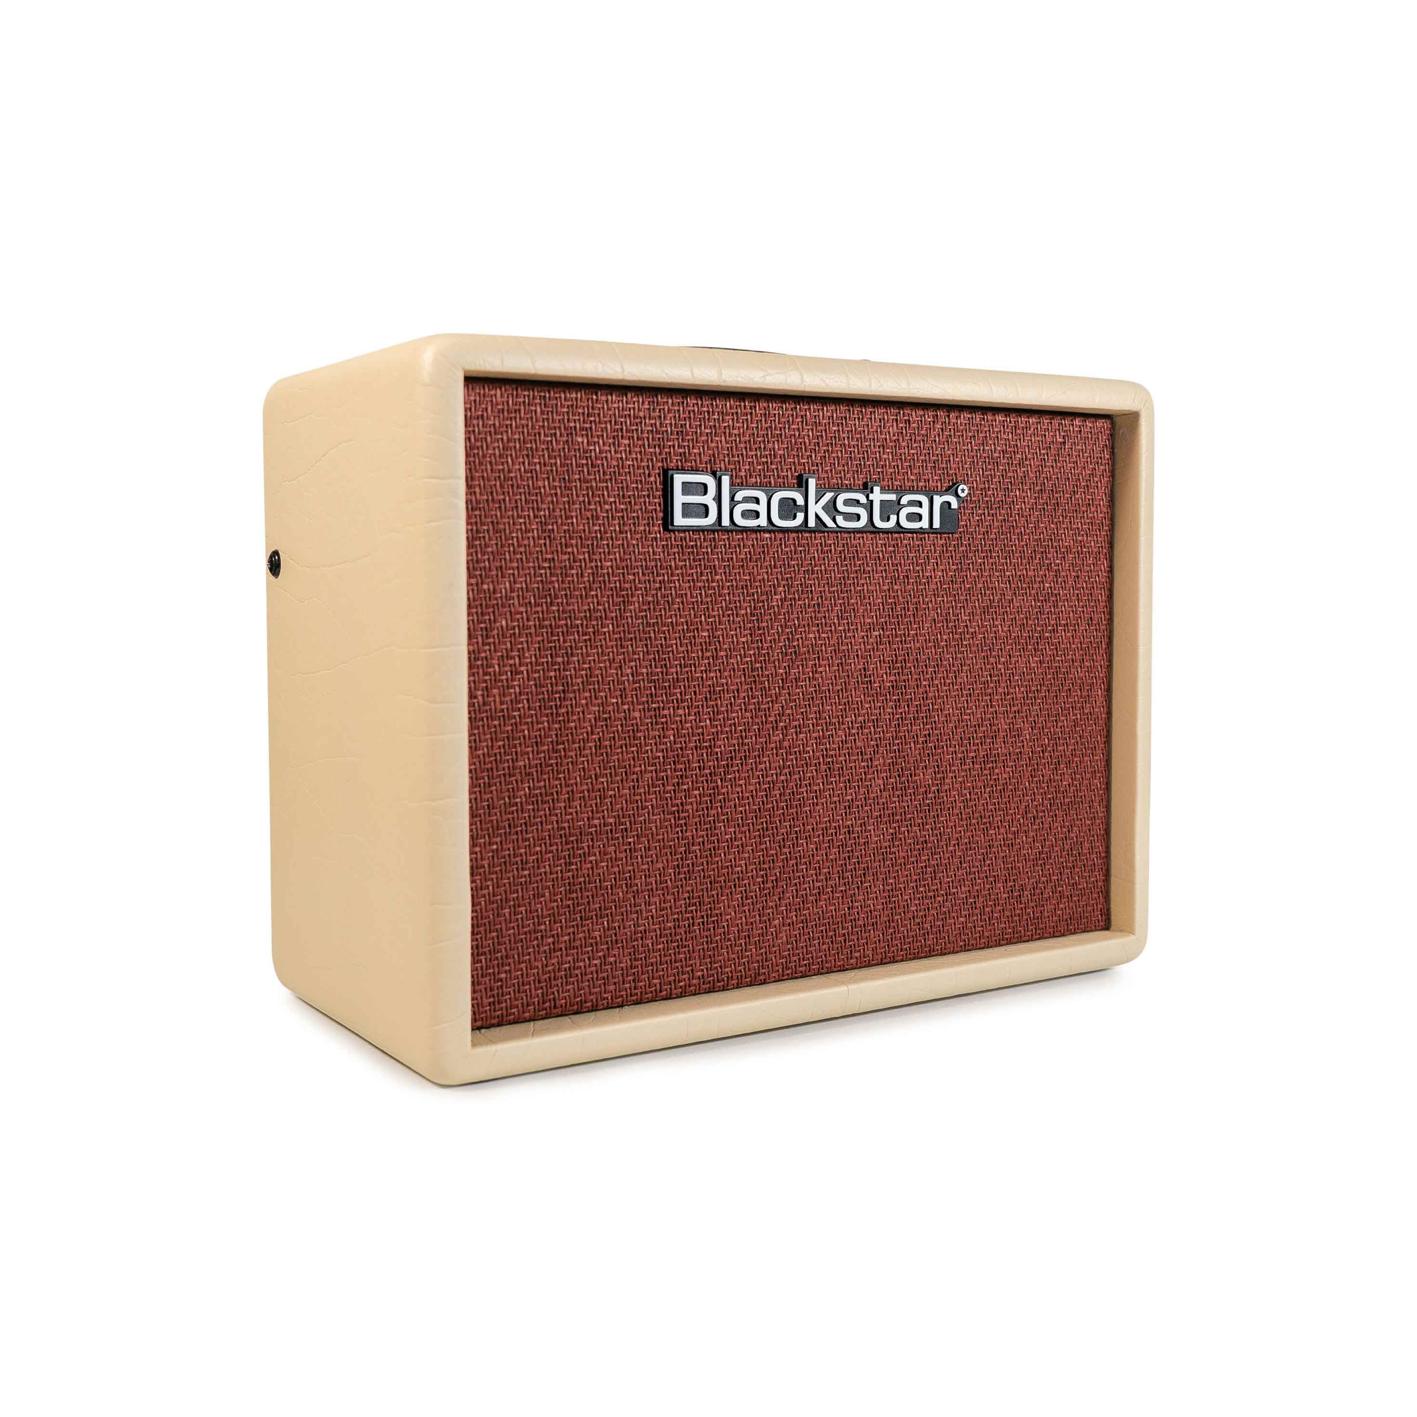 Blackstar Debut 15E 15w Amp